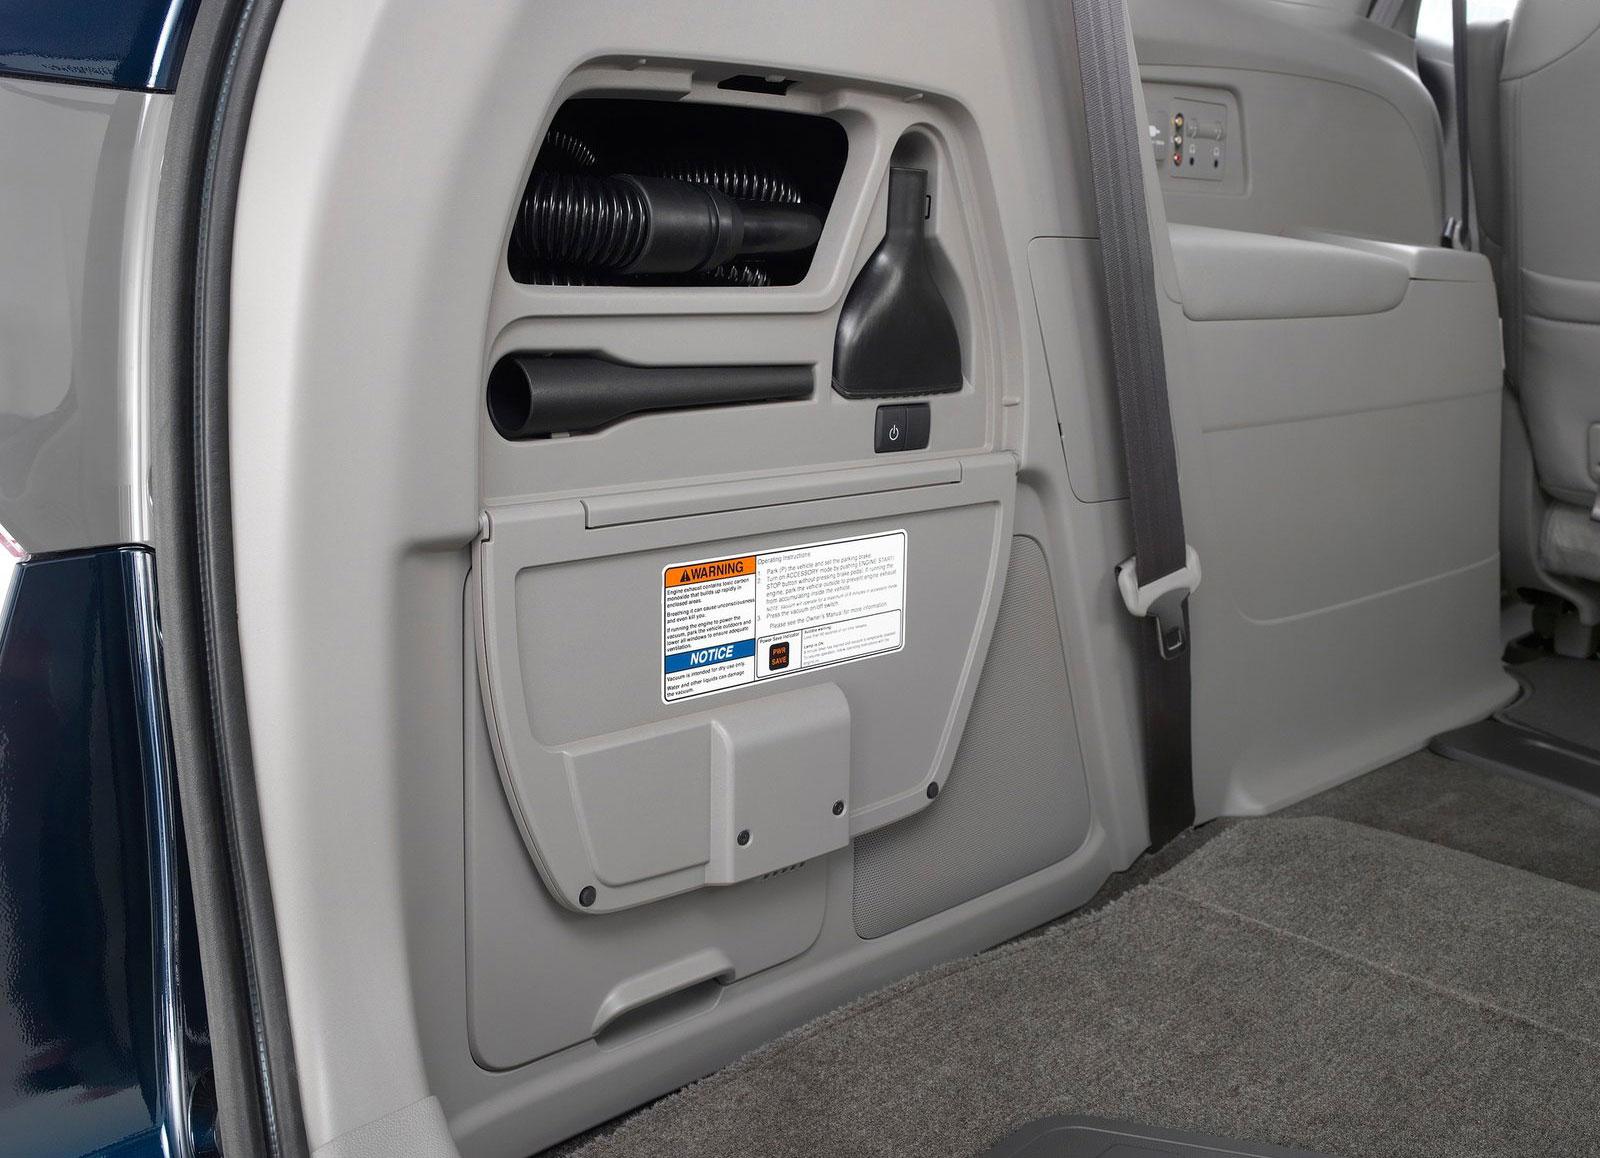 2017 Honda Odyssey Touring Elite Minivan Debuts New Hondavac In Car Vacuum Cleaner Image